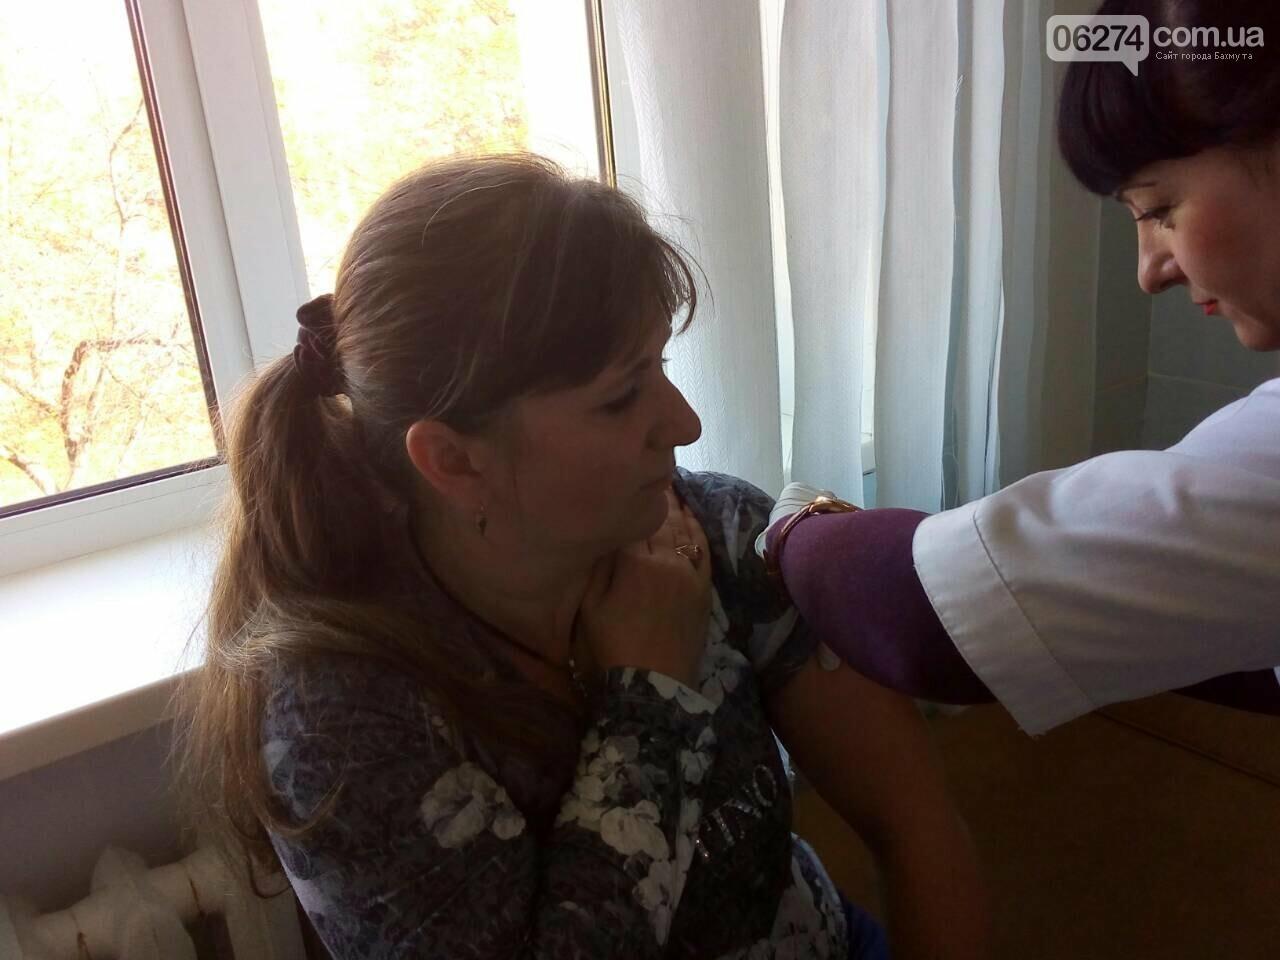 Медицинские работники «первички» Бахмута готовятся к эпидемическому сезону гриппа, фото-4